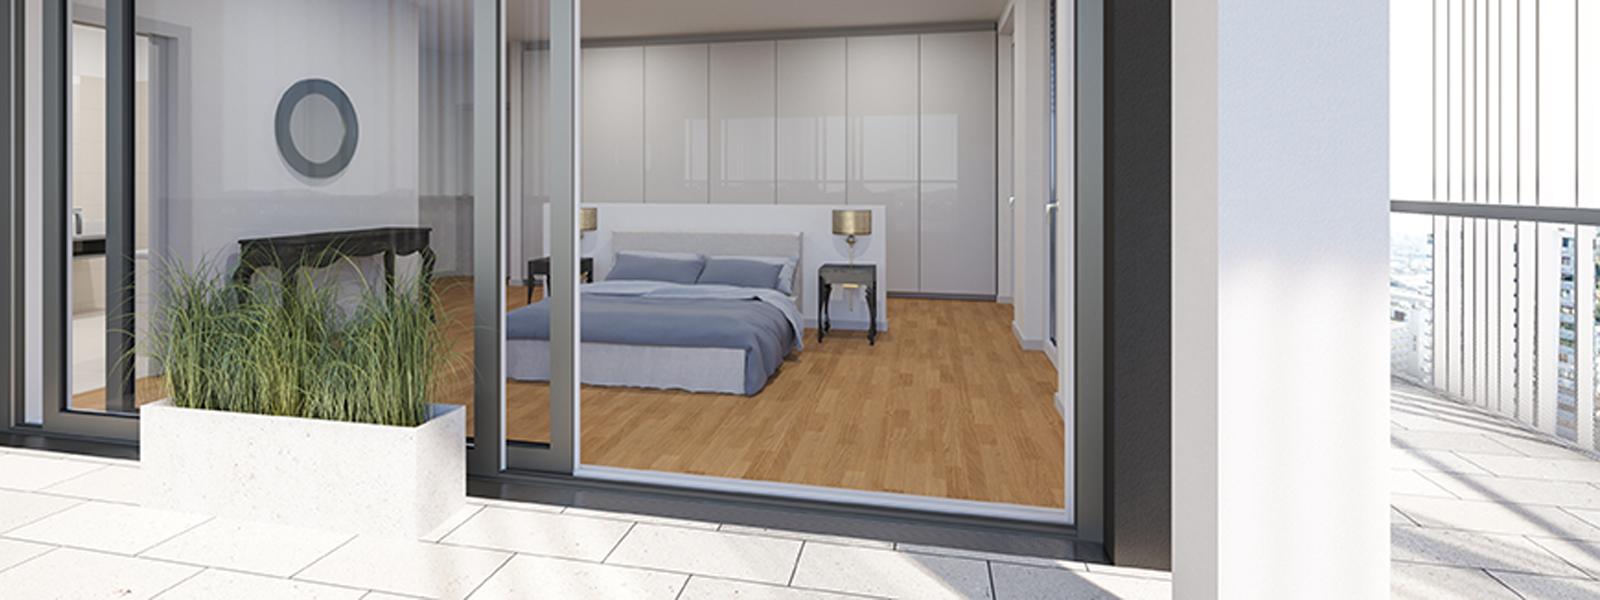 typ d 4 zimmer wohnung lux tower wohnen mit ausblick. Black Bedroom Furniture Sets. Home Design Ideas